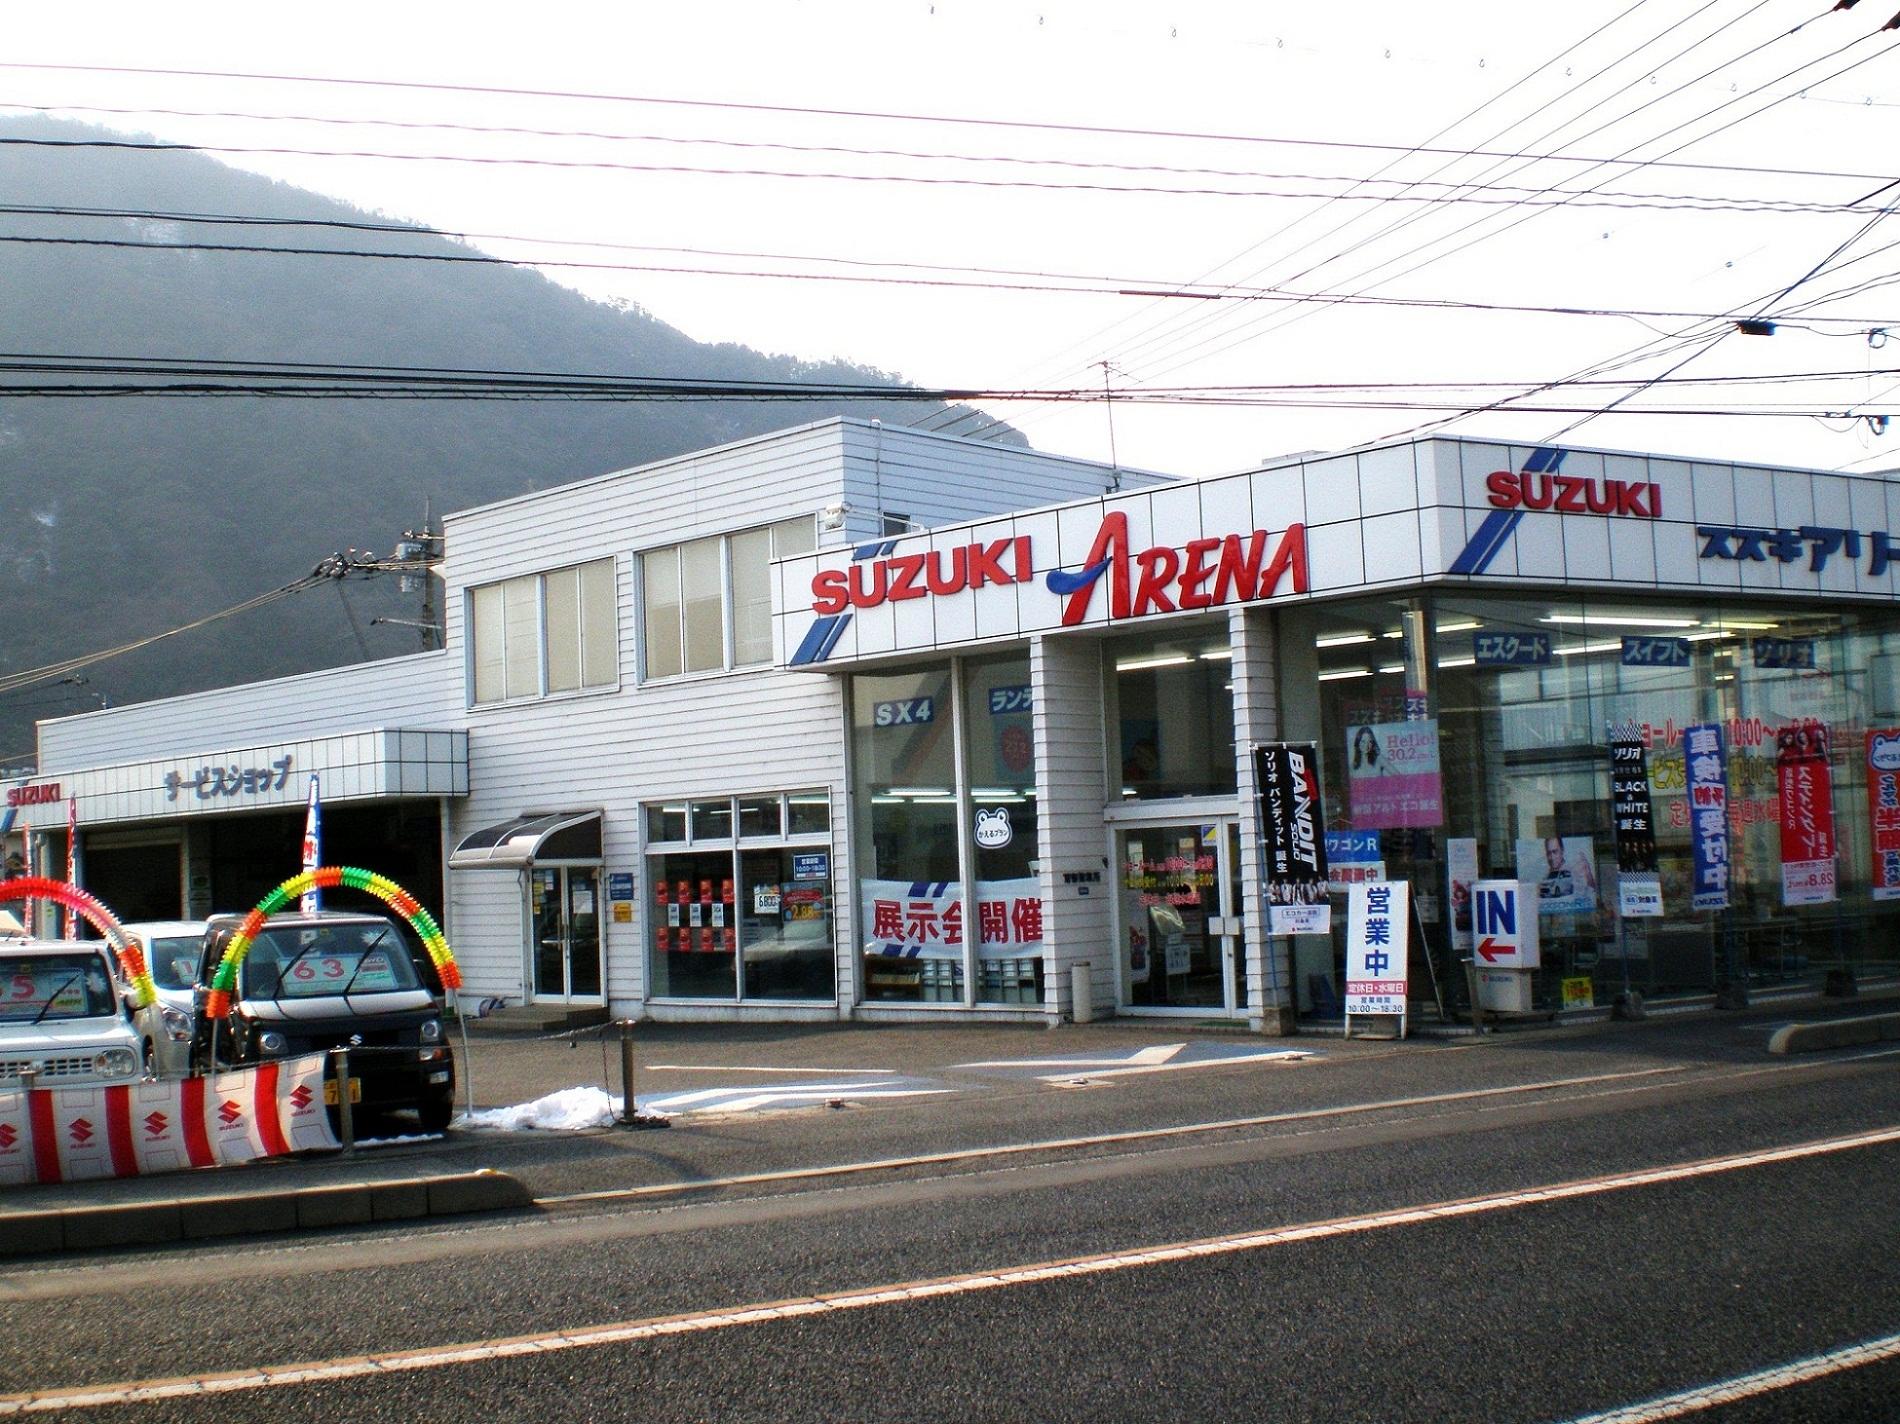 (株)スズキ自販広島 スズキアリーナ可部中央